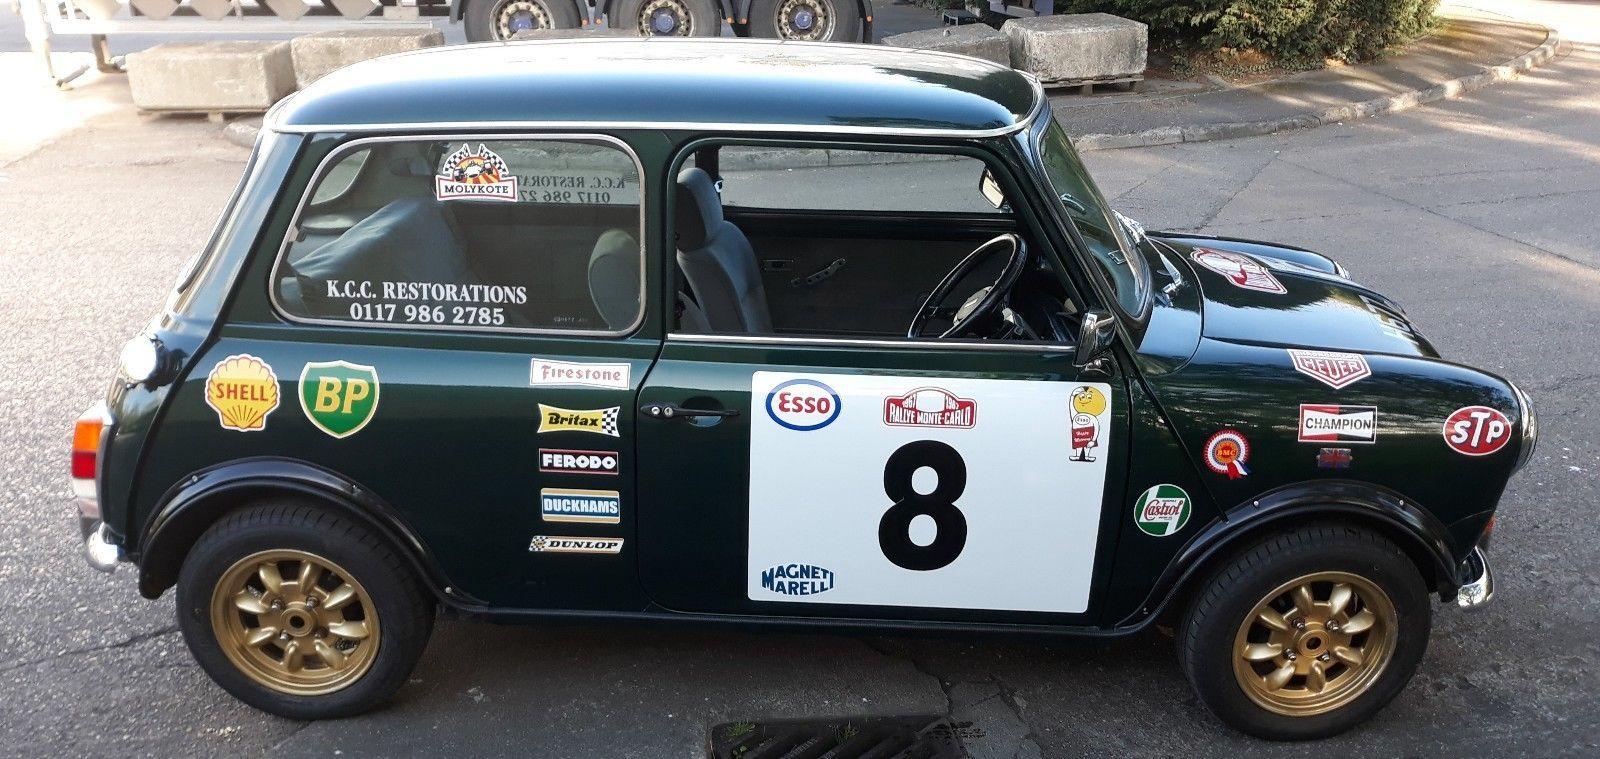 eBay: Rover Mini 1380 Track day / hill climb #classicmini